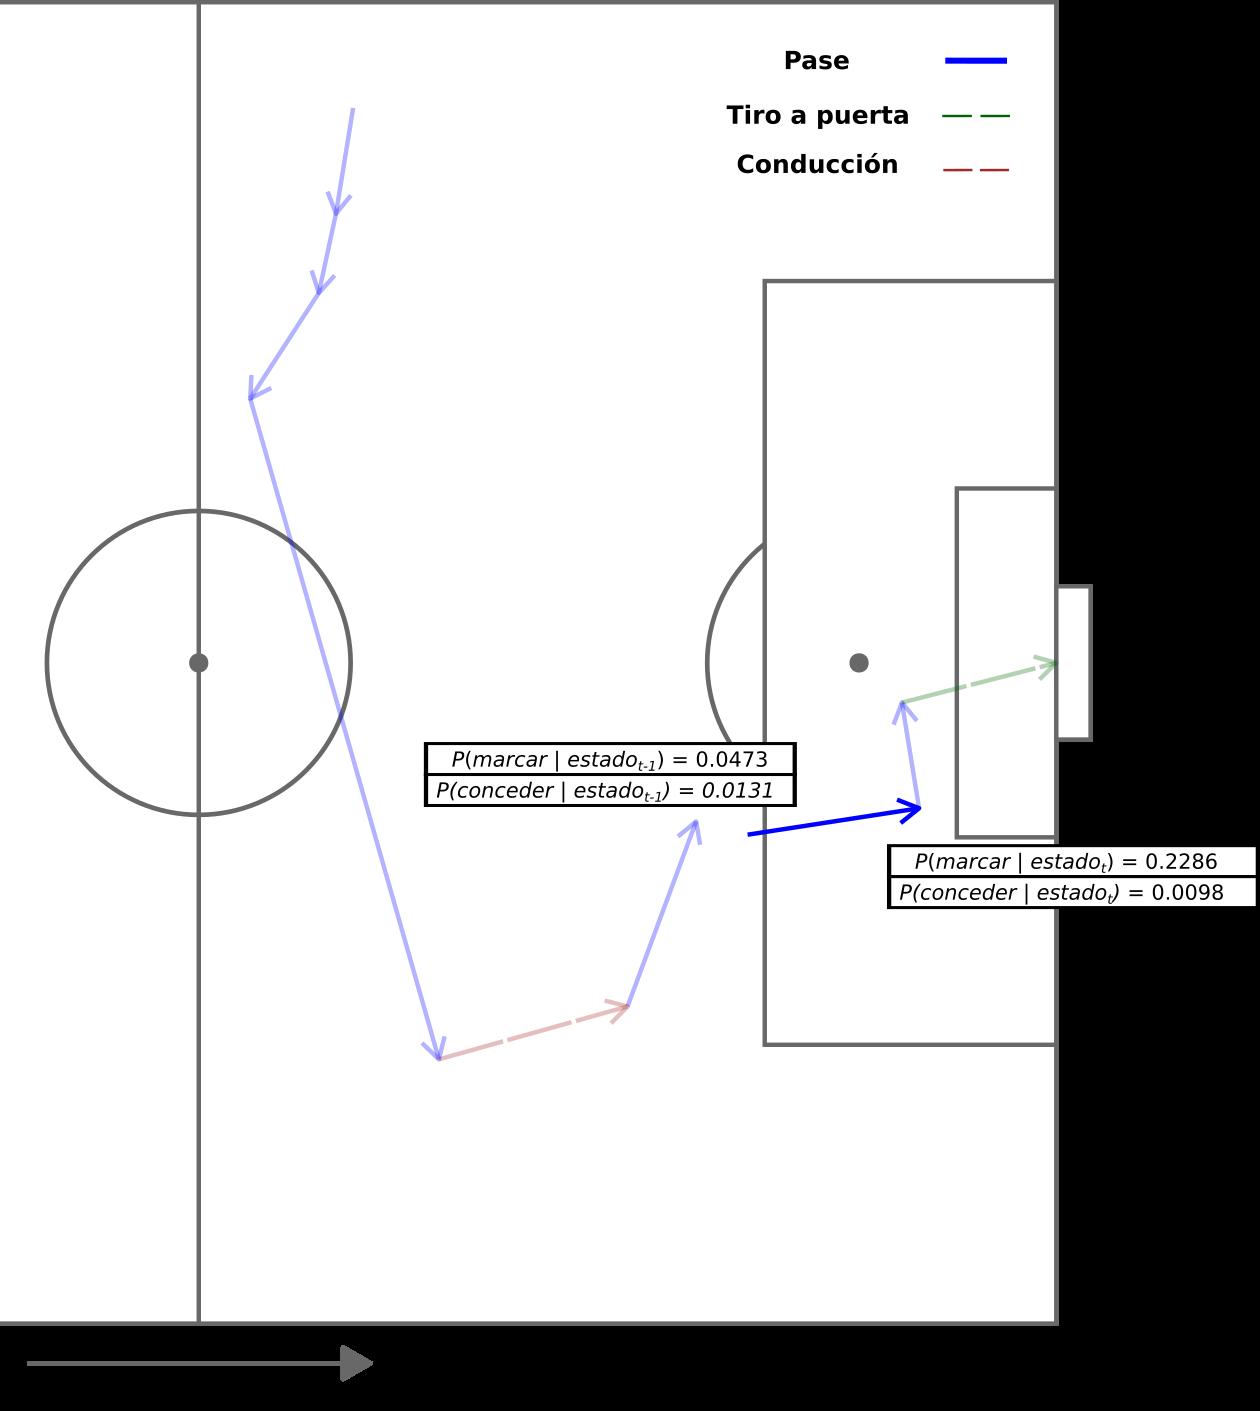 *Probabilidad de marcar y conceder del Real Madrid antes y después de un pase de Benzema